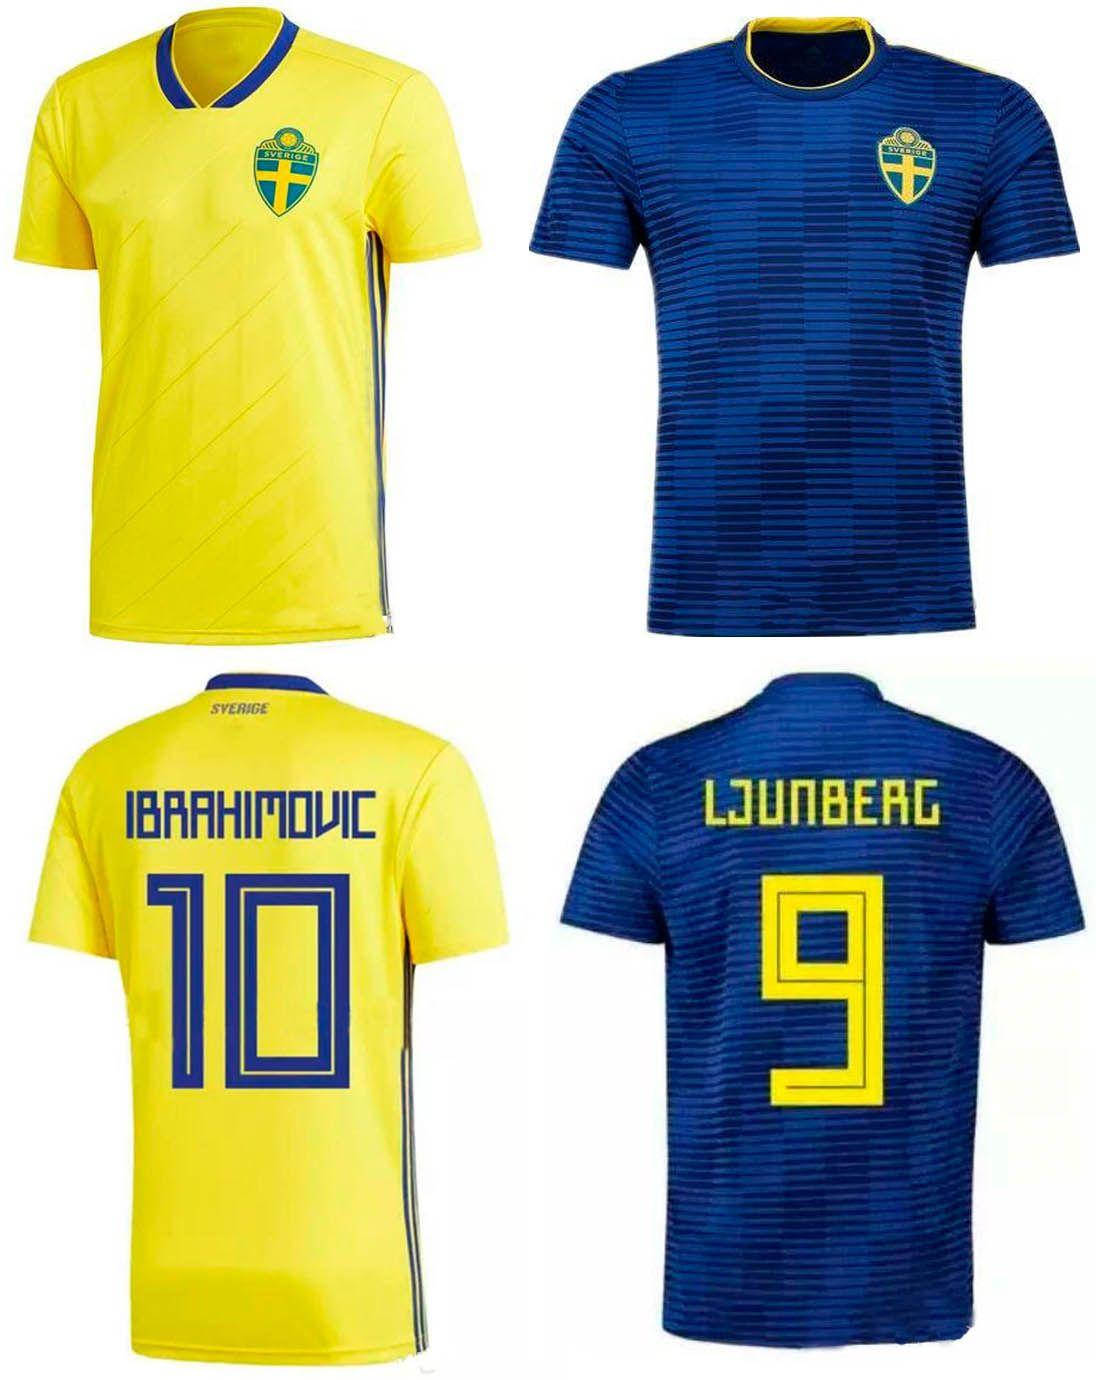 2018 2018 Sweden Home Away Soccer Jersey Ibrahimovic Football Shirts 18 19  Forsberg Kallstrom Sam Larsson Football Tops Sverige Sport Uniforms From ...